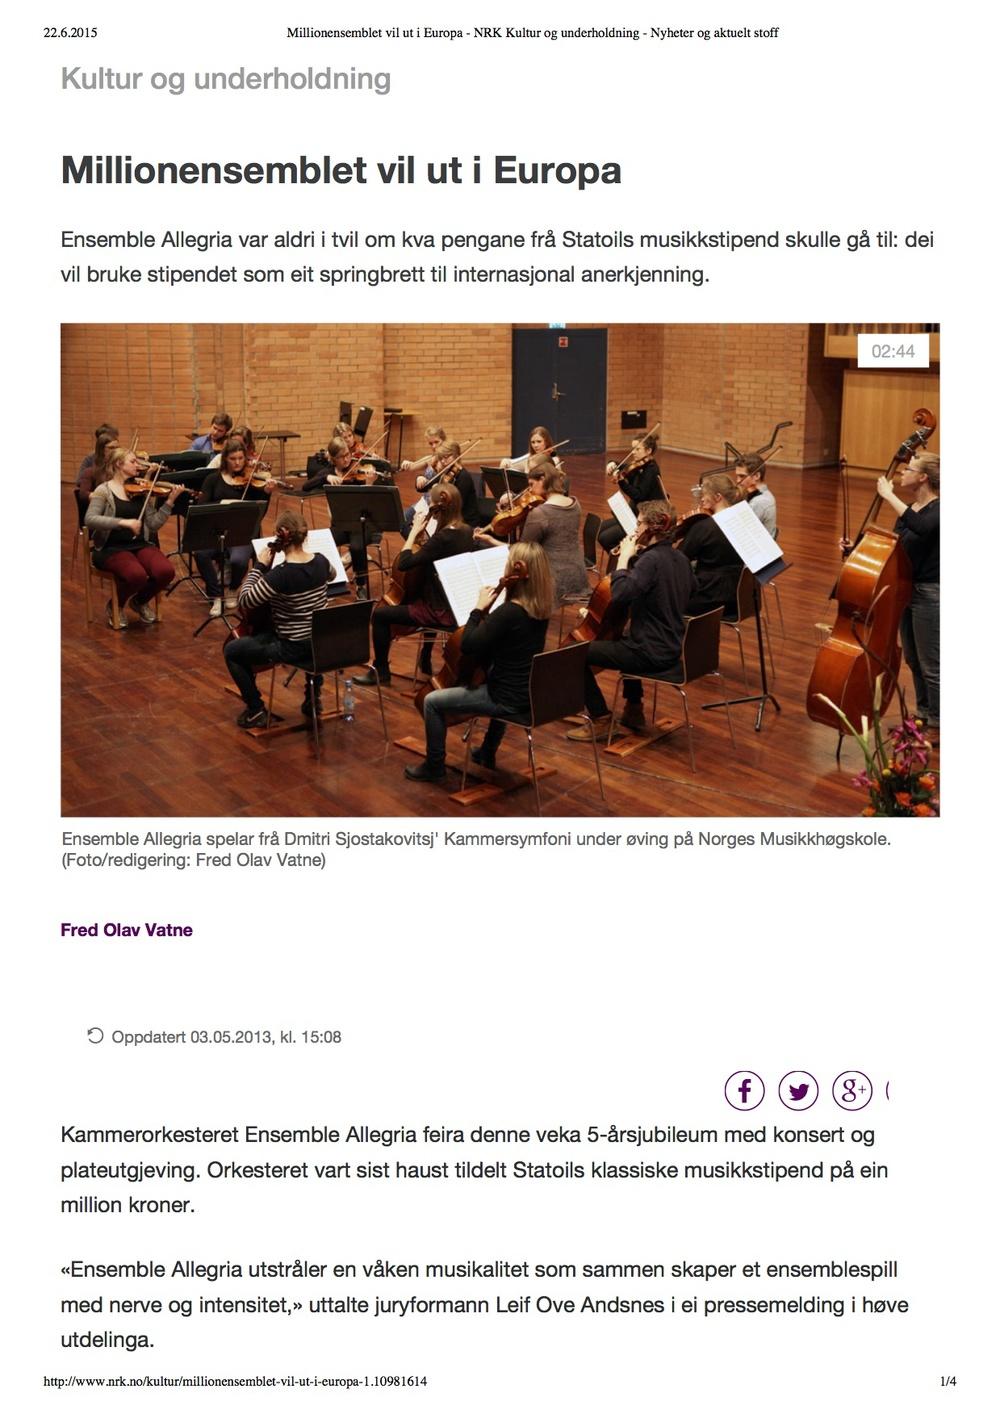 Millionensemblet vil ut i Europa - NRK Kultur og underholdning - Nyheter og aktuelt stoff.jpg